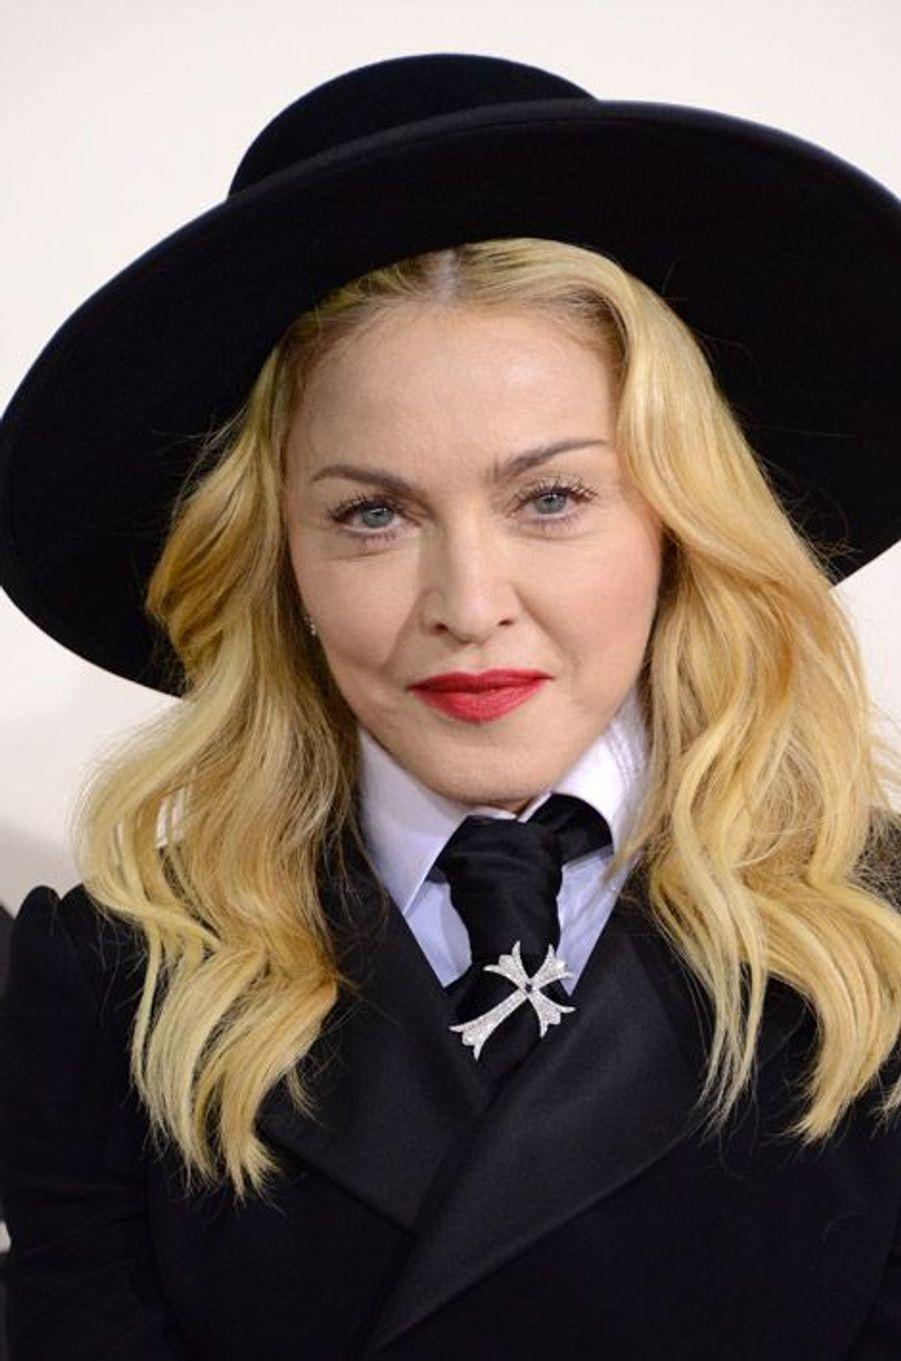 Madonna lors de la cérémonie des Grammy Awards à Los Angeles, le 26 janvier 2014